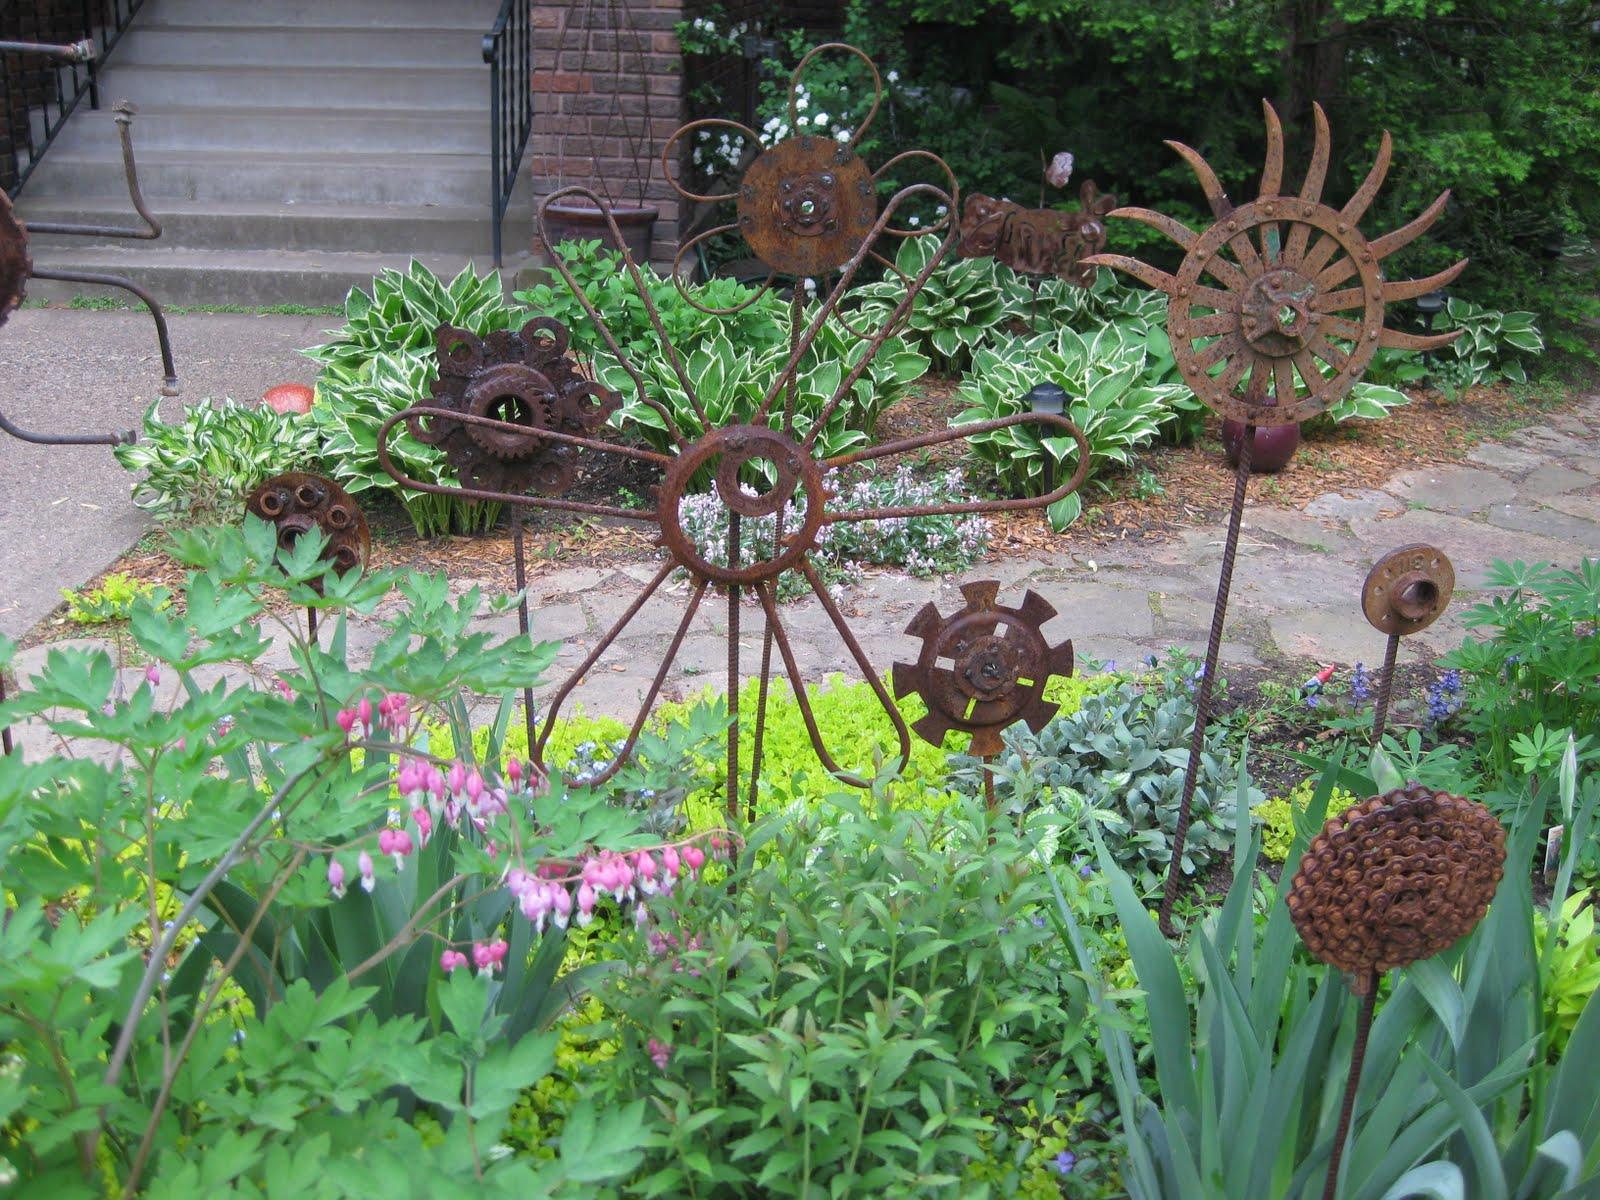 Next door laura carol 39 s garden for Welded garden art designs